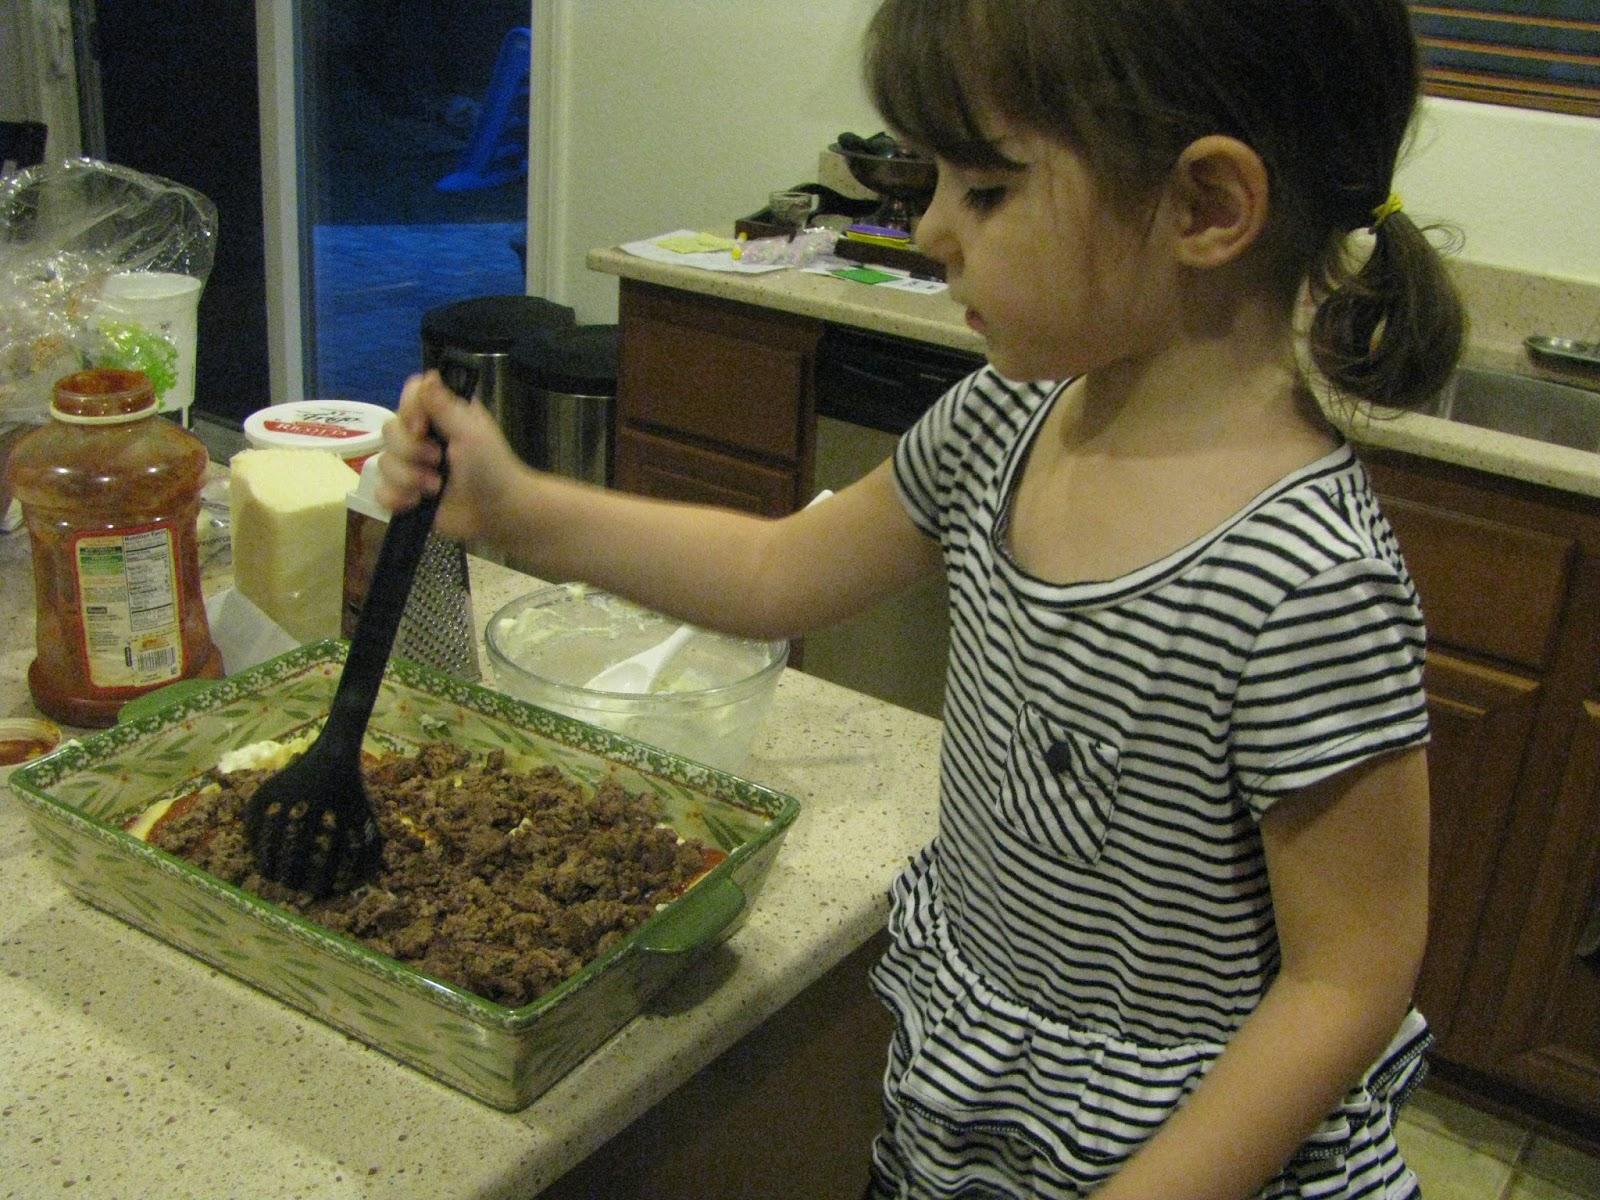 Charli S Crafty Kitchen Age